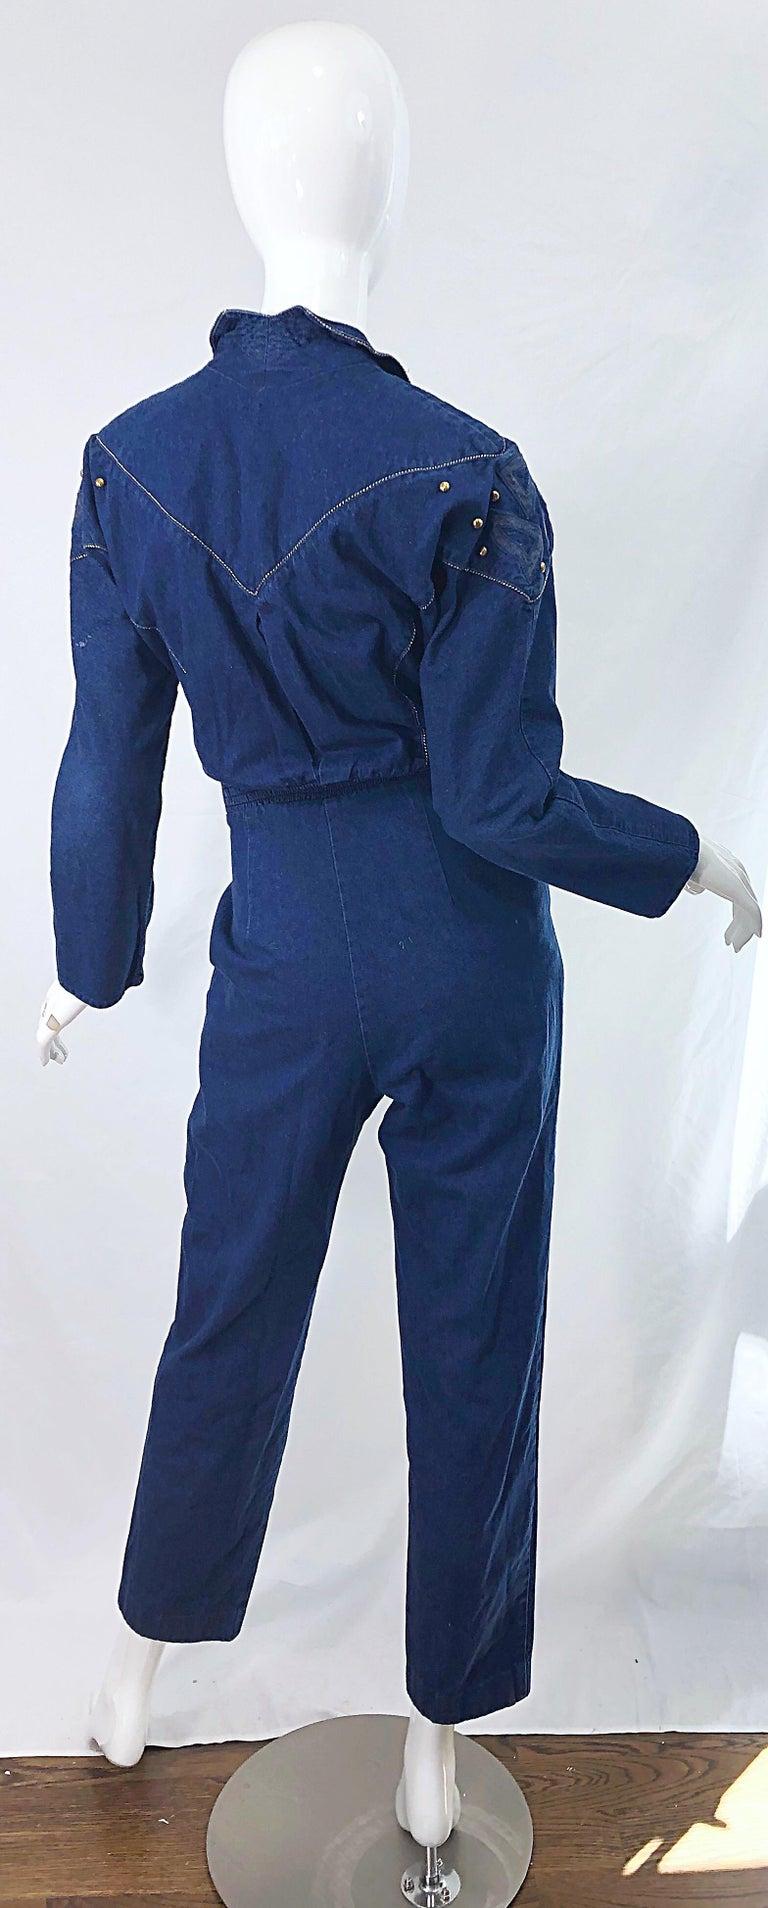 Women's 1980s Jillian Arthur Blue Jean Avant Garde Grommett Beaded Vintage 80s Jumpsuit For Sale